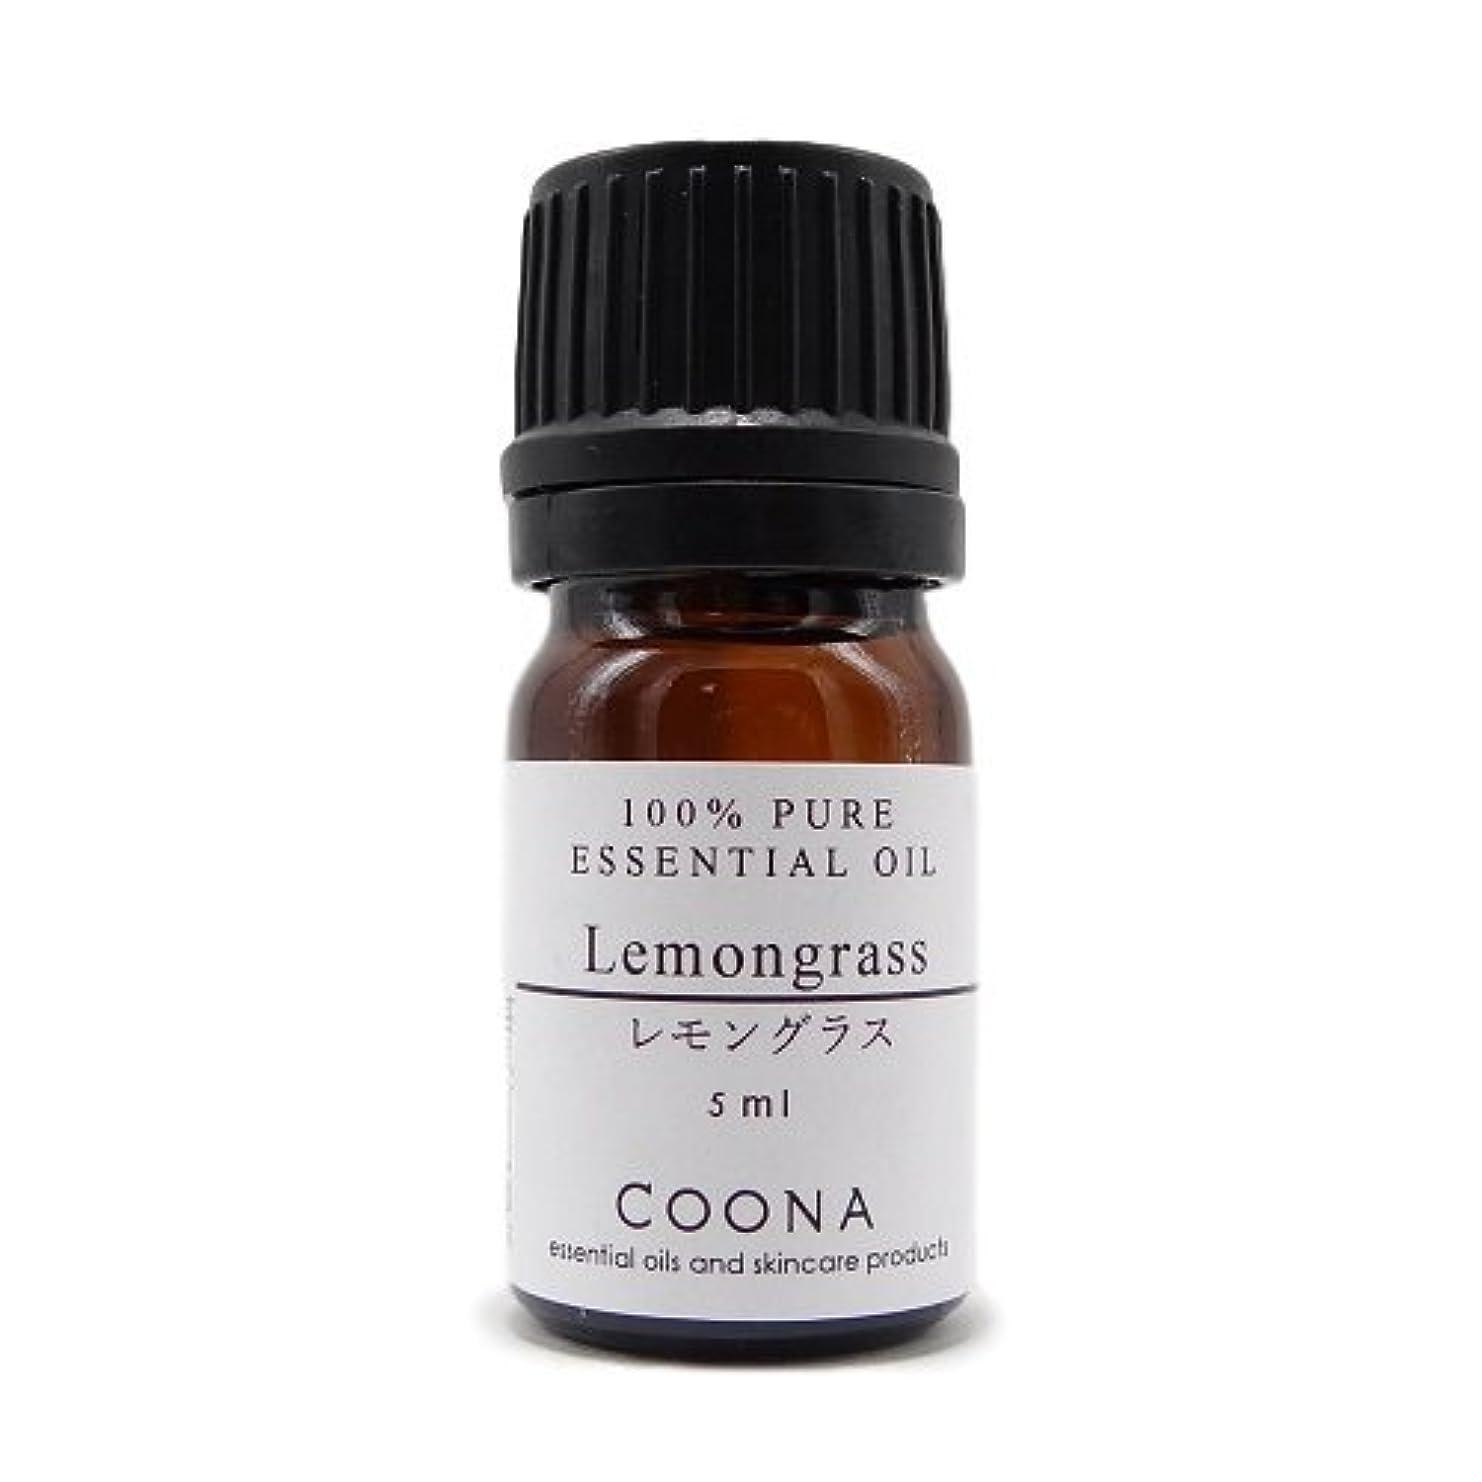 既婚対称ヶ月目レモングラス 5ml (COONA エッセンシャルオイル アロマオイル 100%天然植物精油)